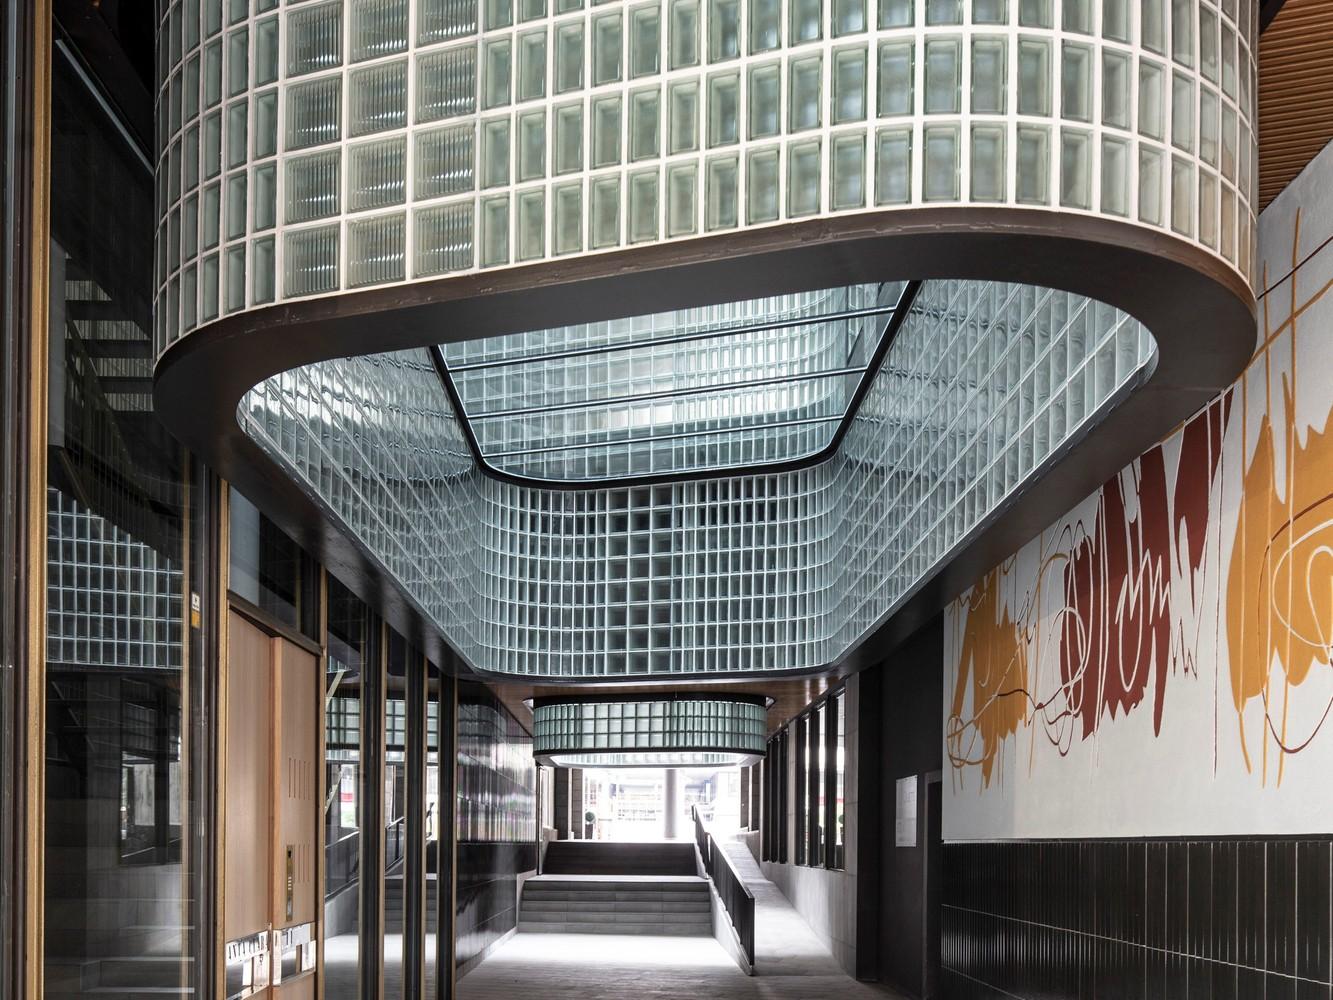 Tendencias en diseño y construcción del 2020: Lo recurrente, popular, relevante y sustancial,Santa Clara Building / Lagula Arquitectes. Image © Adrià Goula